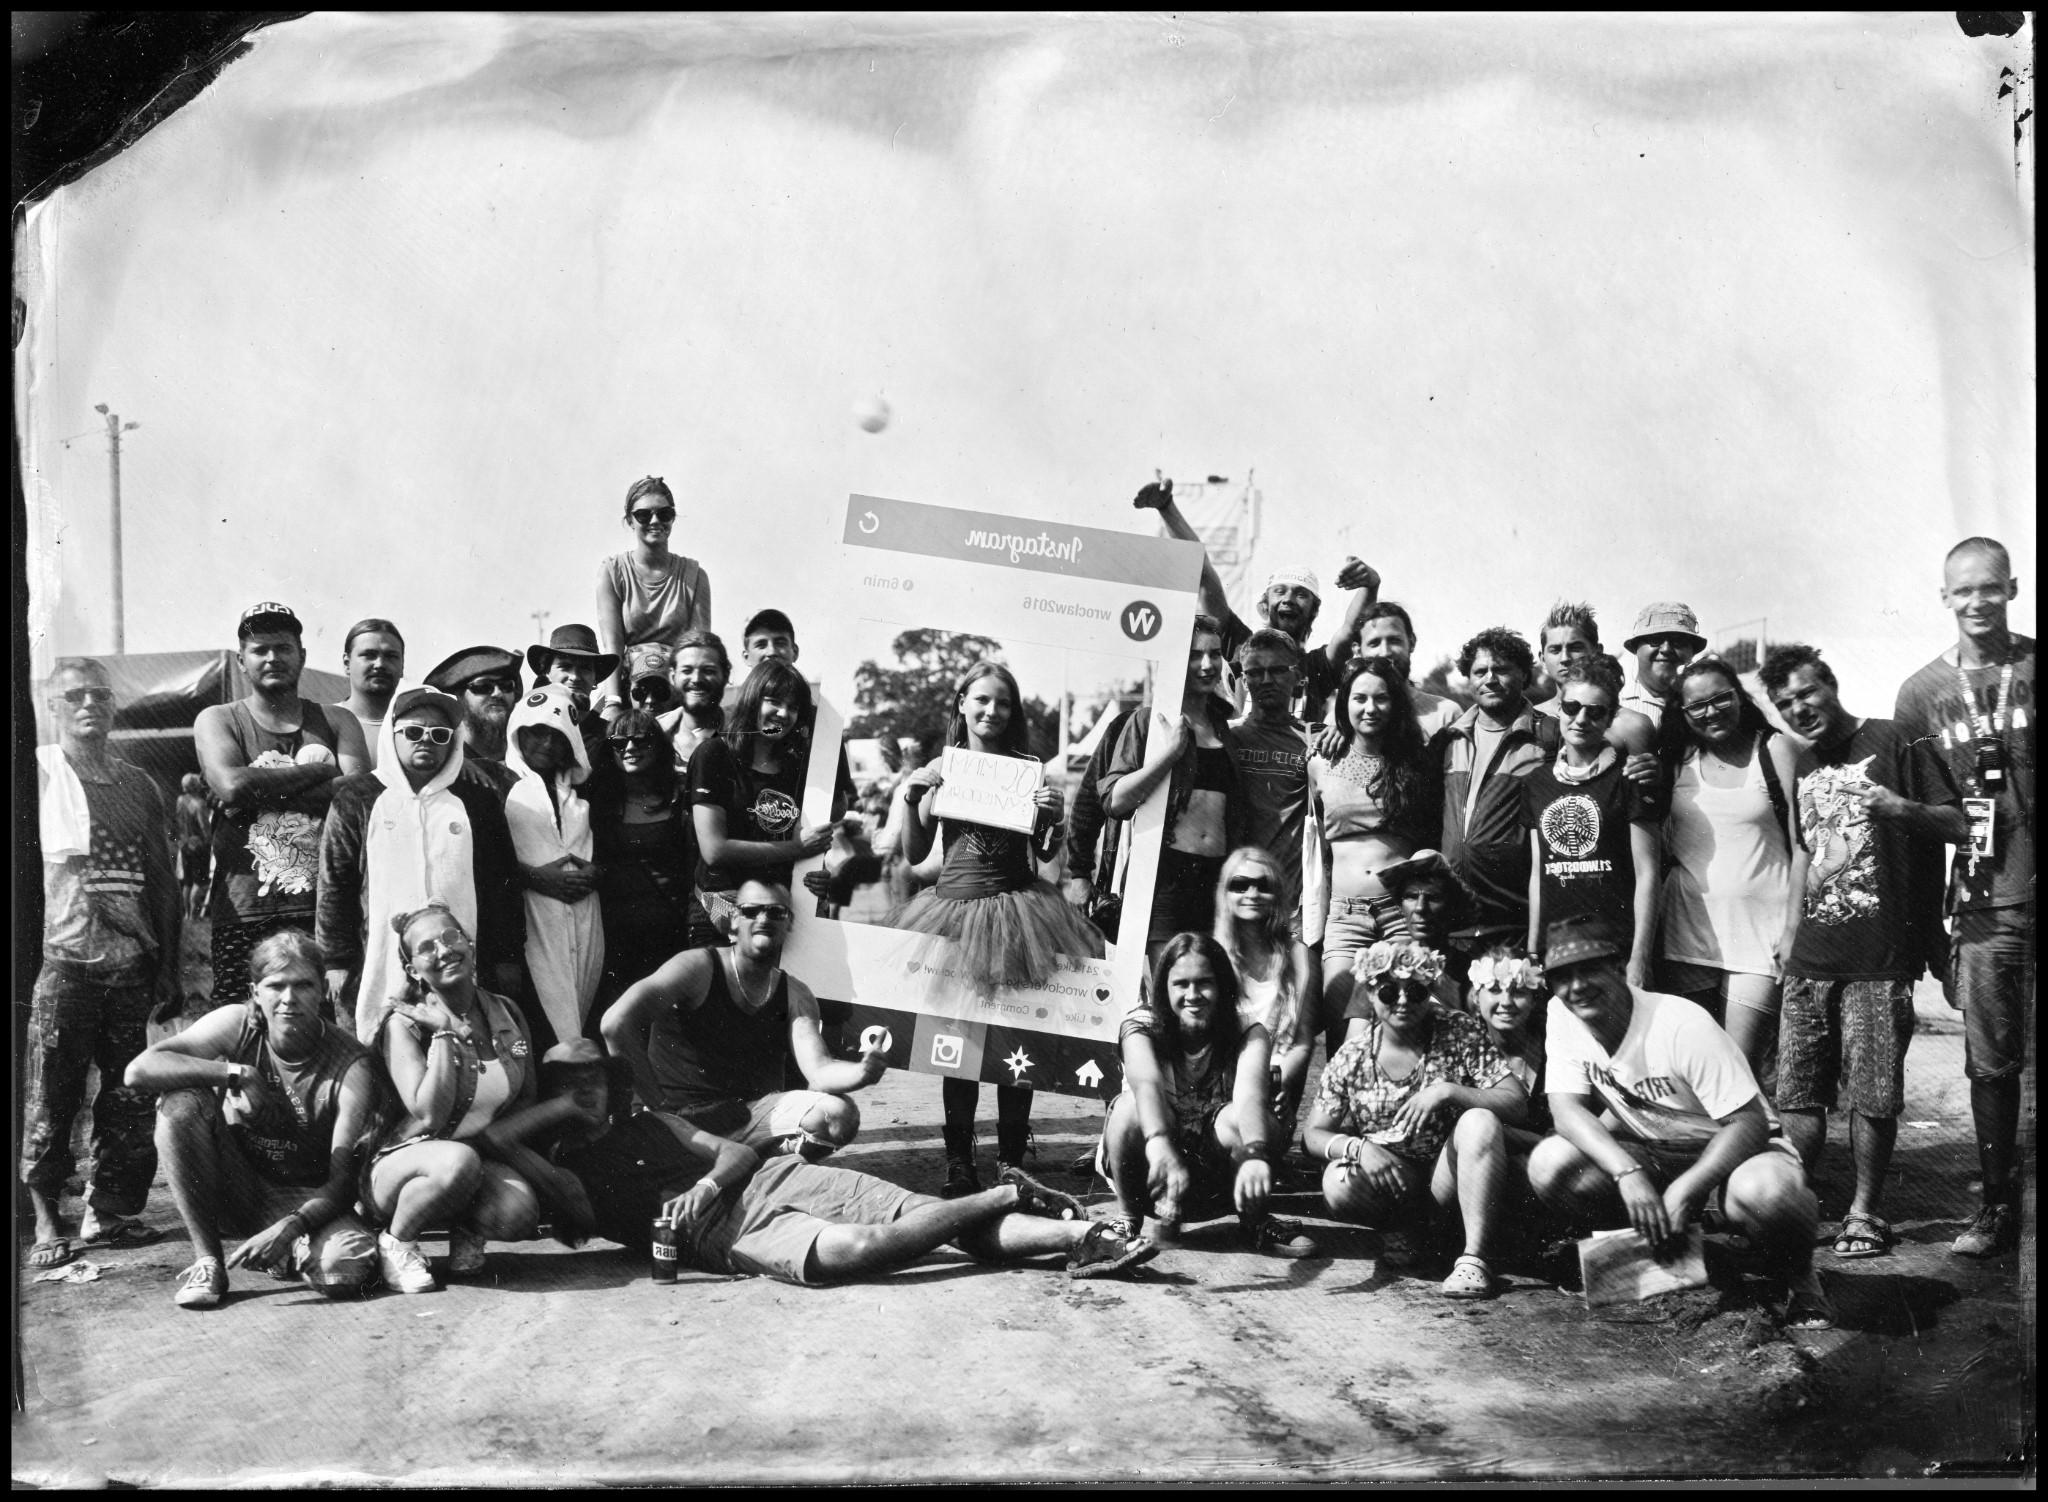 Przystanek Woodstock 2016 - Mokry Kolodion - Street Collodion Art (14)